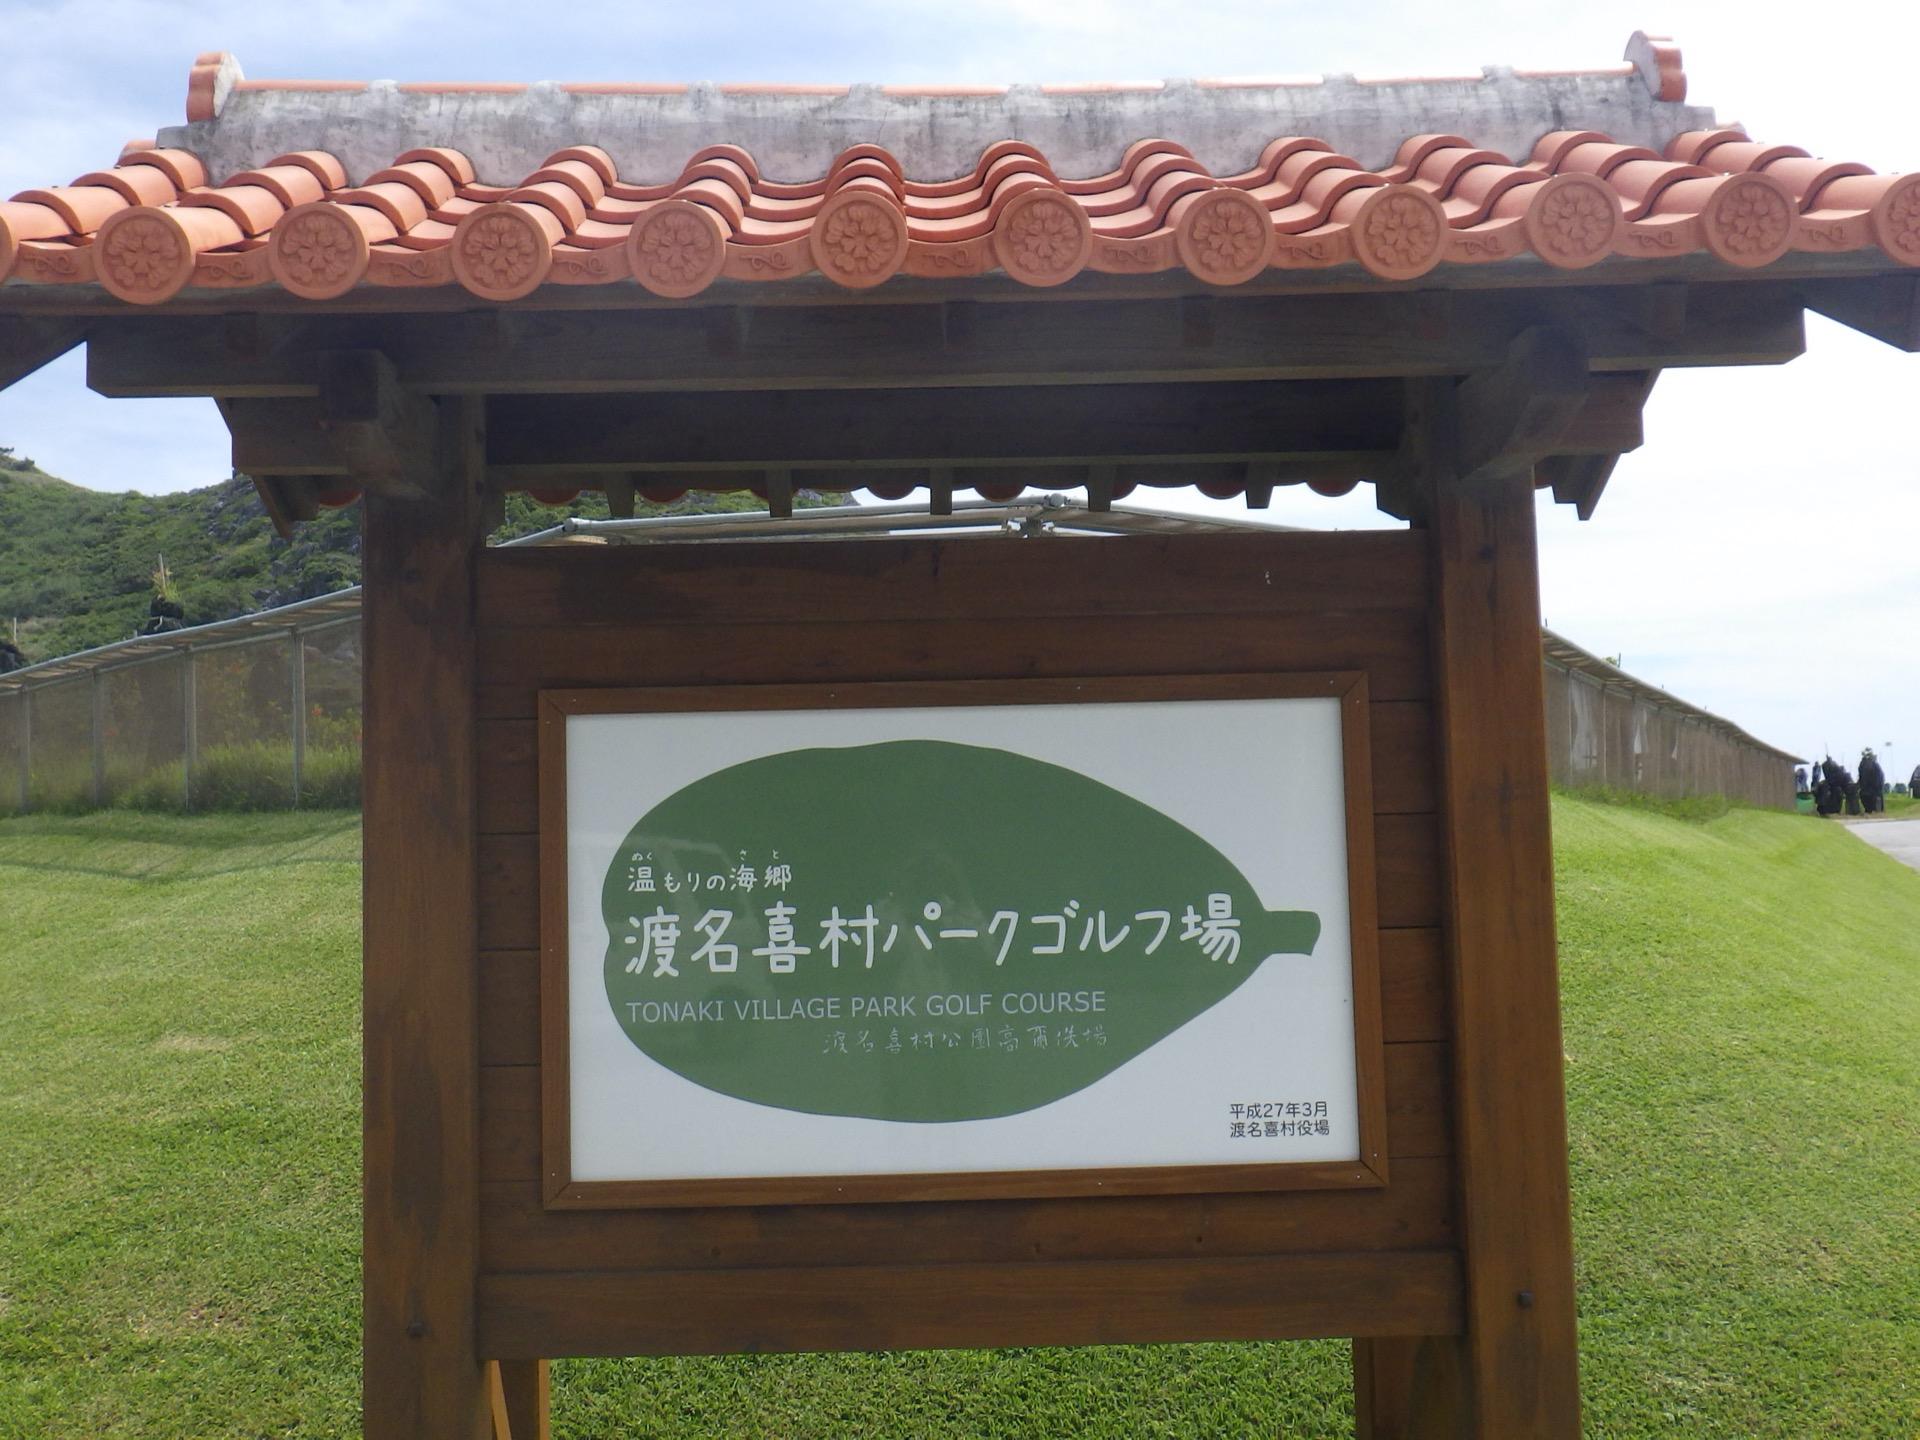 渡名喜村パークゴルフ場